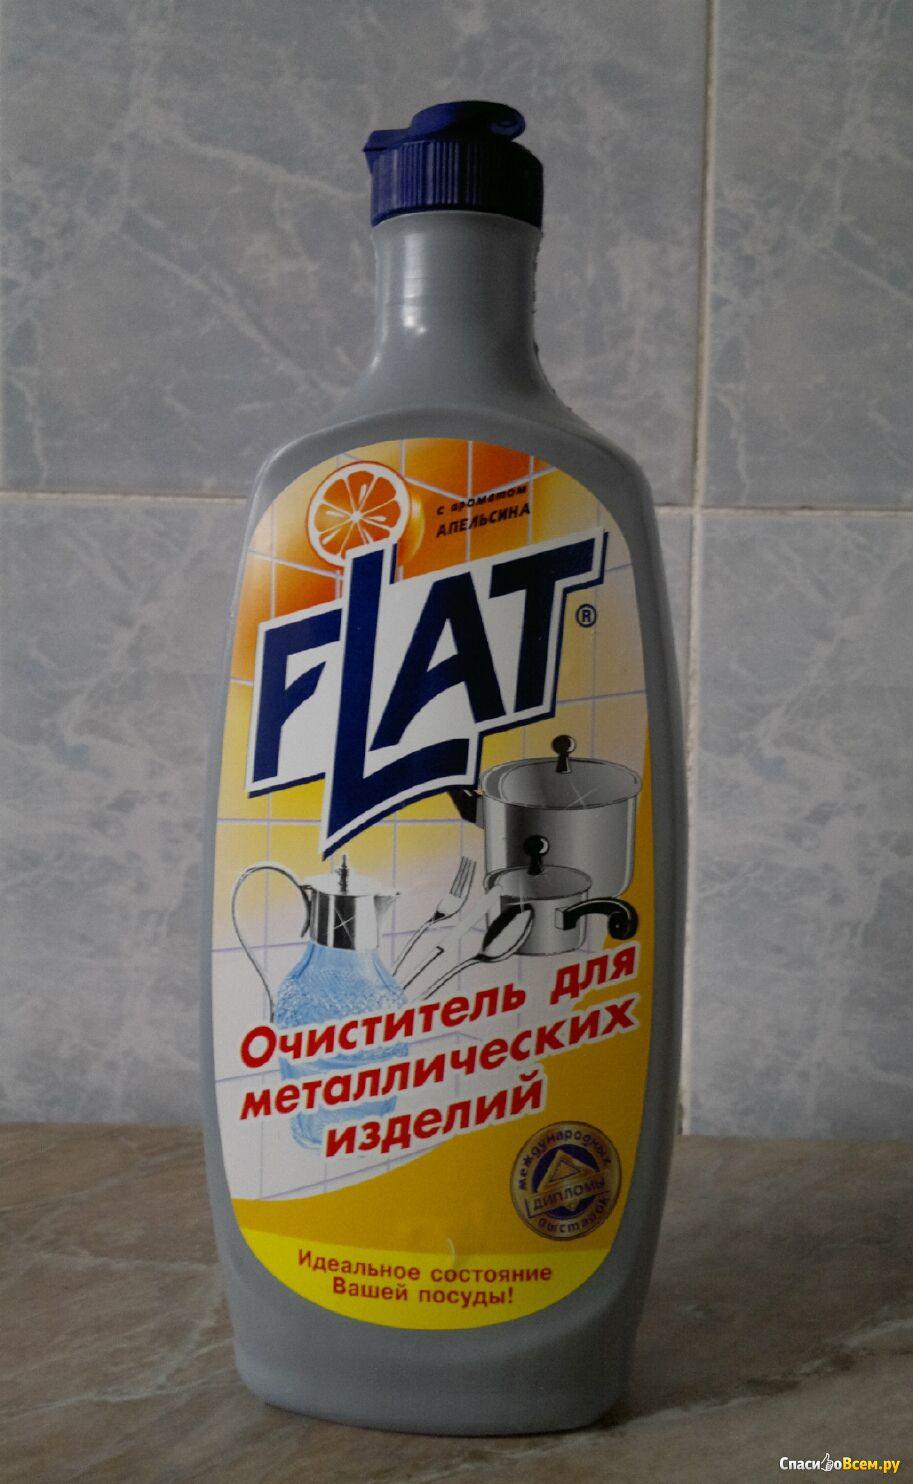 Чистящее средство для сковородок и кастрюль фото